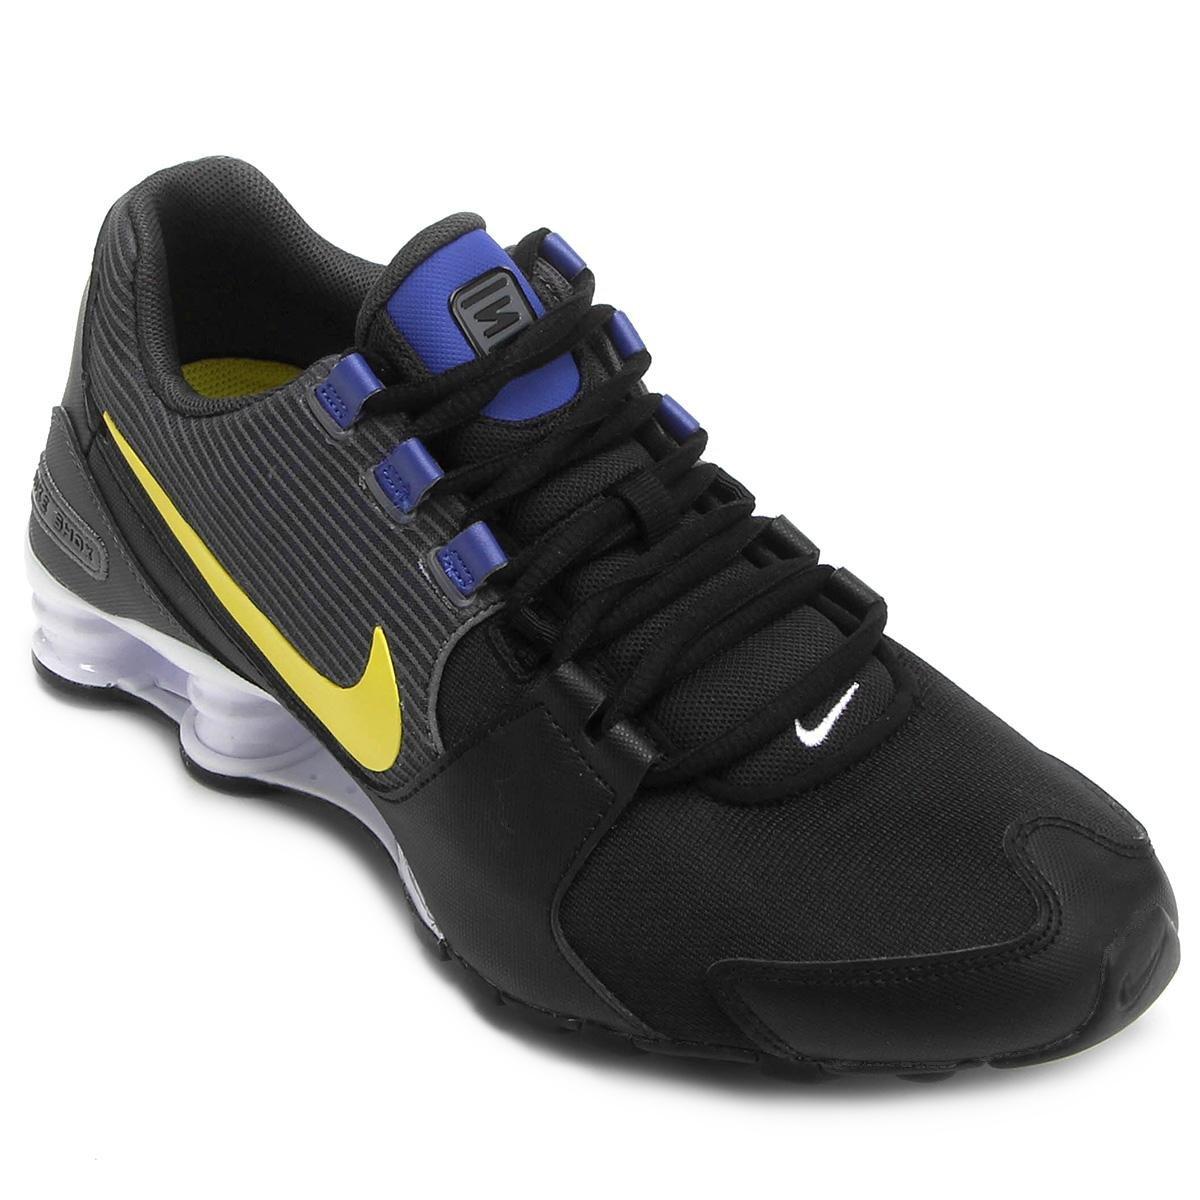 db3162404b Tênis Nike Shox Avenue Masculino - Preto e Azul - Compre Agora ...